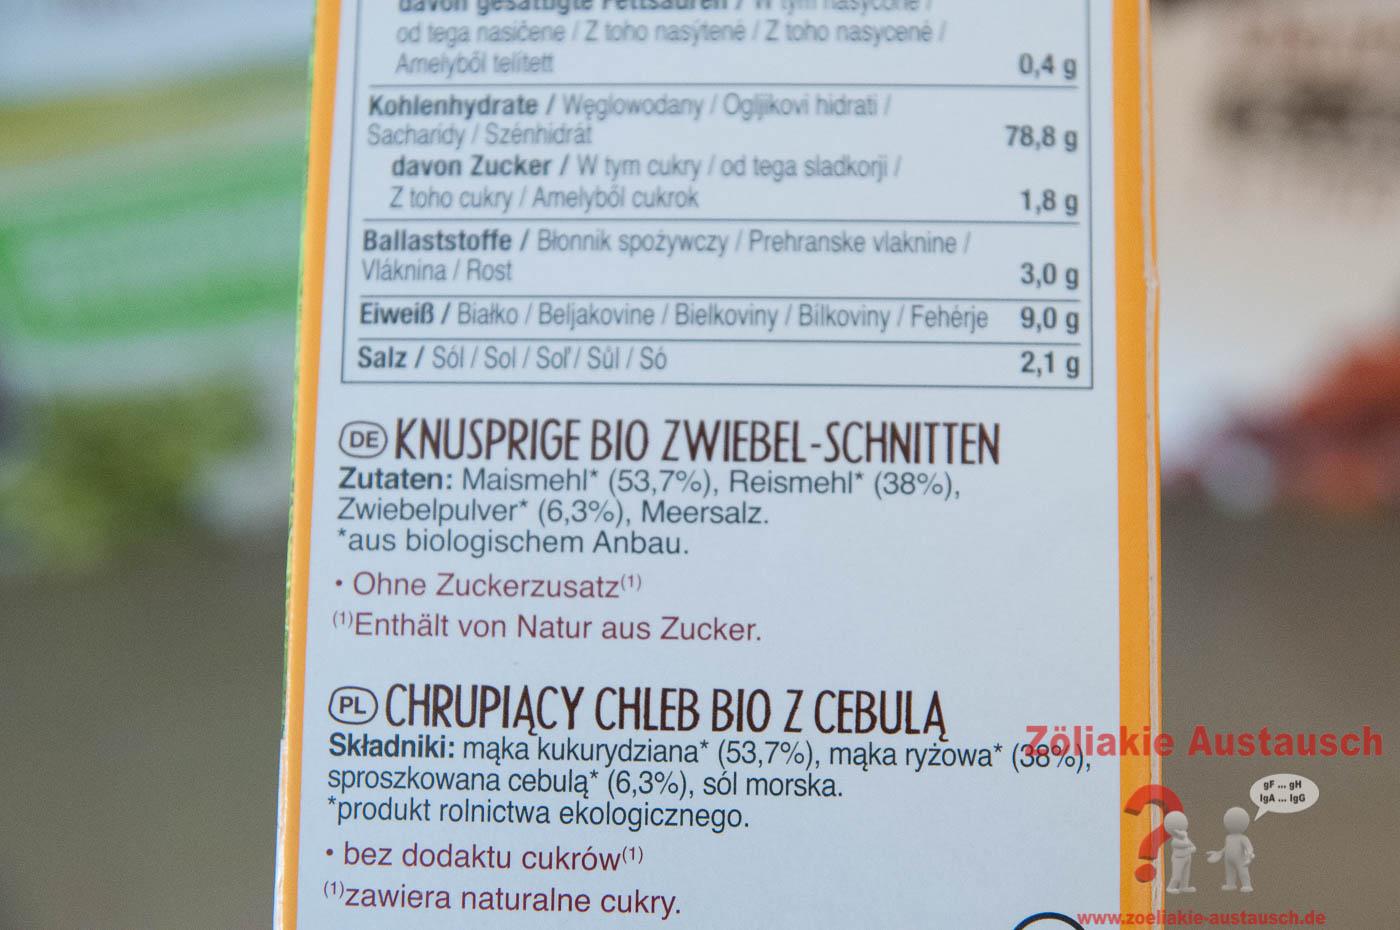 Zoeliakie_Austausch_Blumenbrot-020